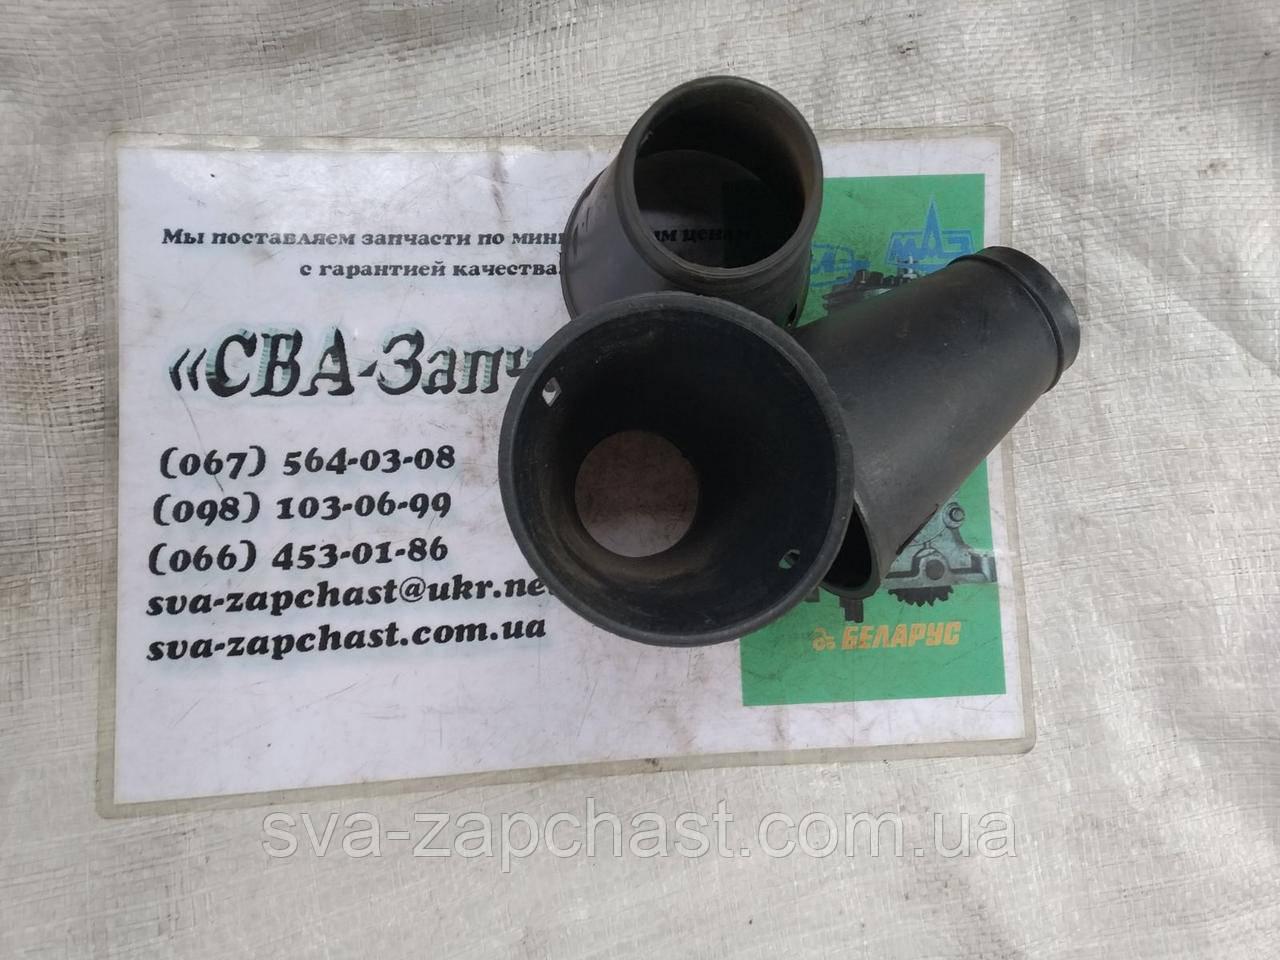 Воронка тукопровода Н042.01.009 пластмассовая